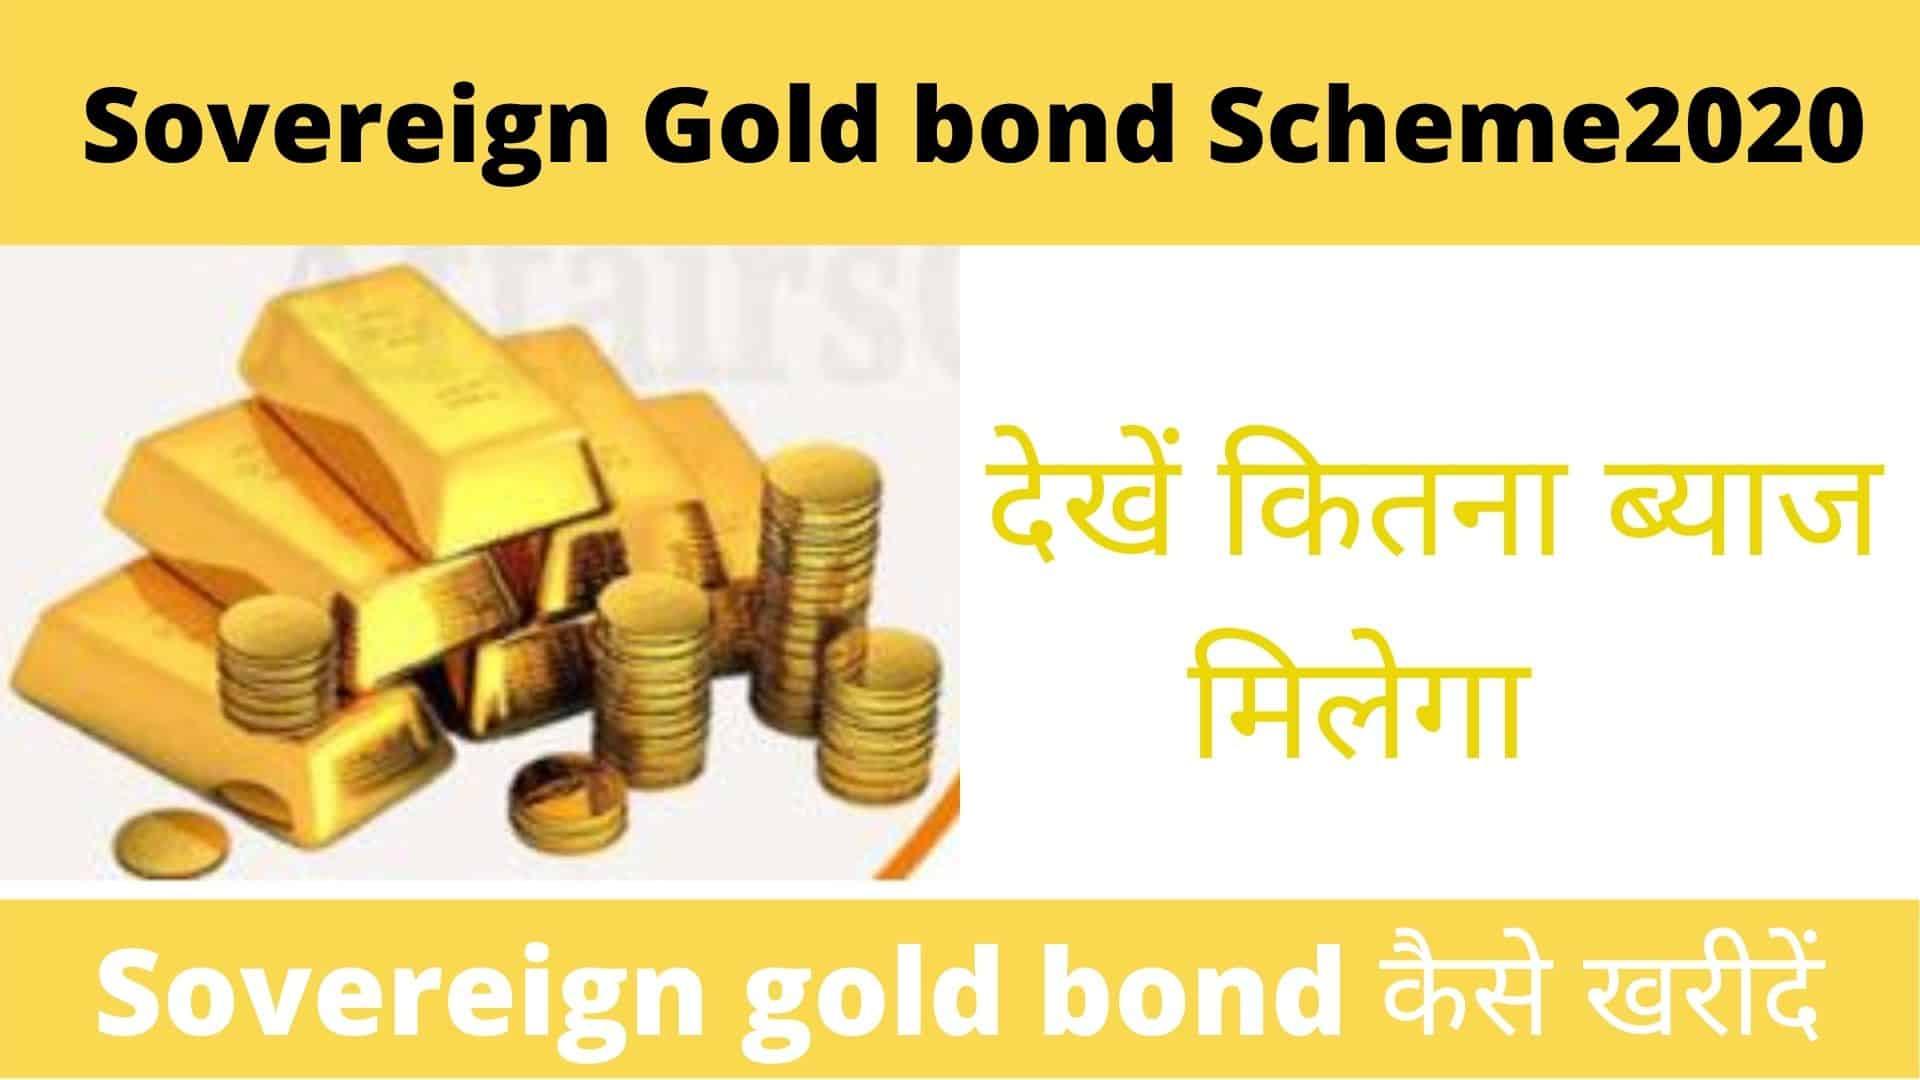 Sovereign Gold bond Scheme2020